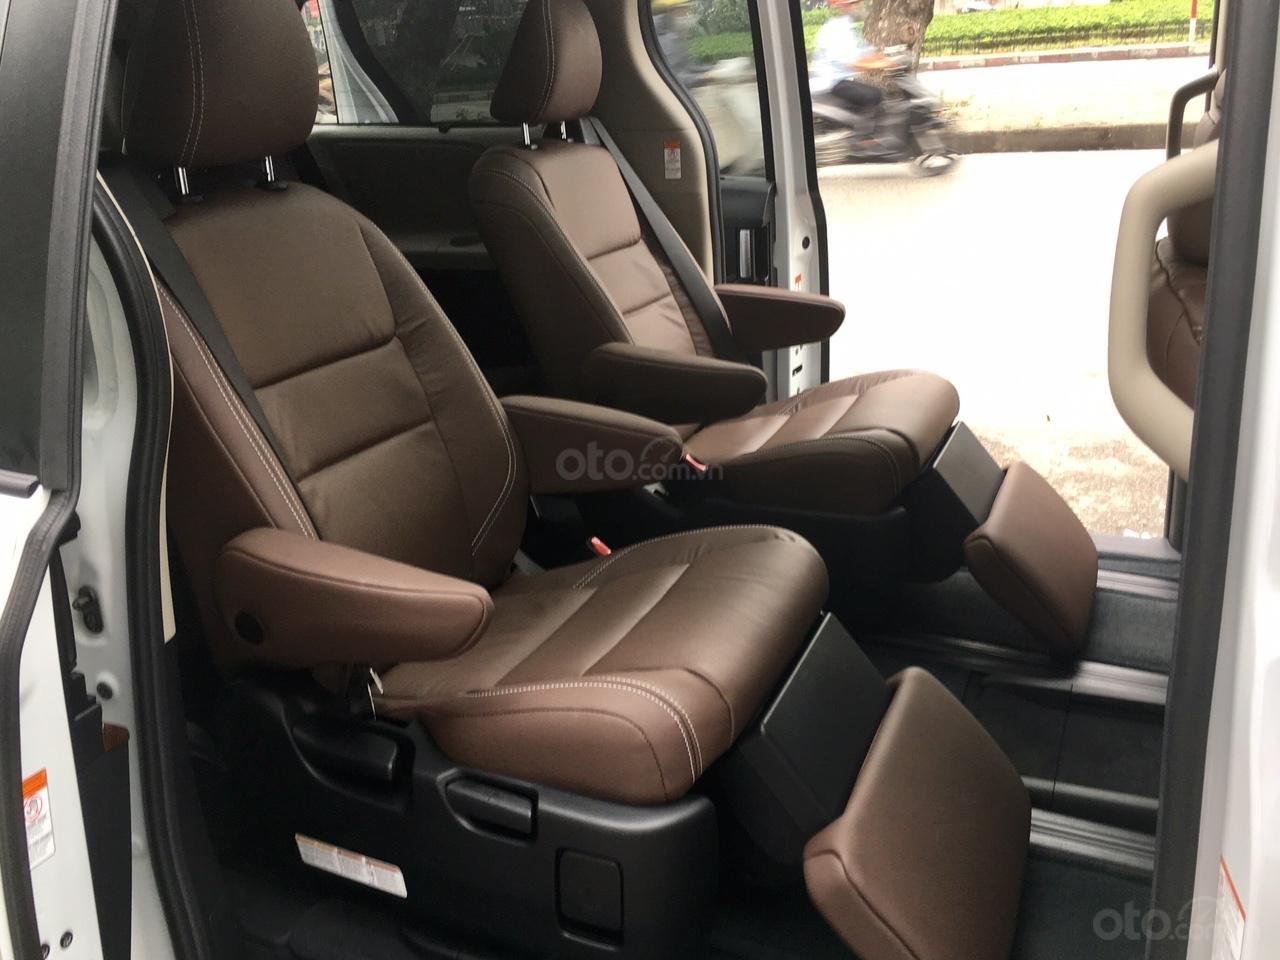 Bán Toyota Sienna Limited 1 cầu 2019, giá tốt, xe giao ngay trong ngày, LH Ms Hương 094.539.2468 (12)